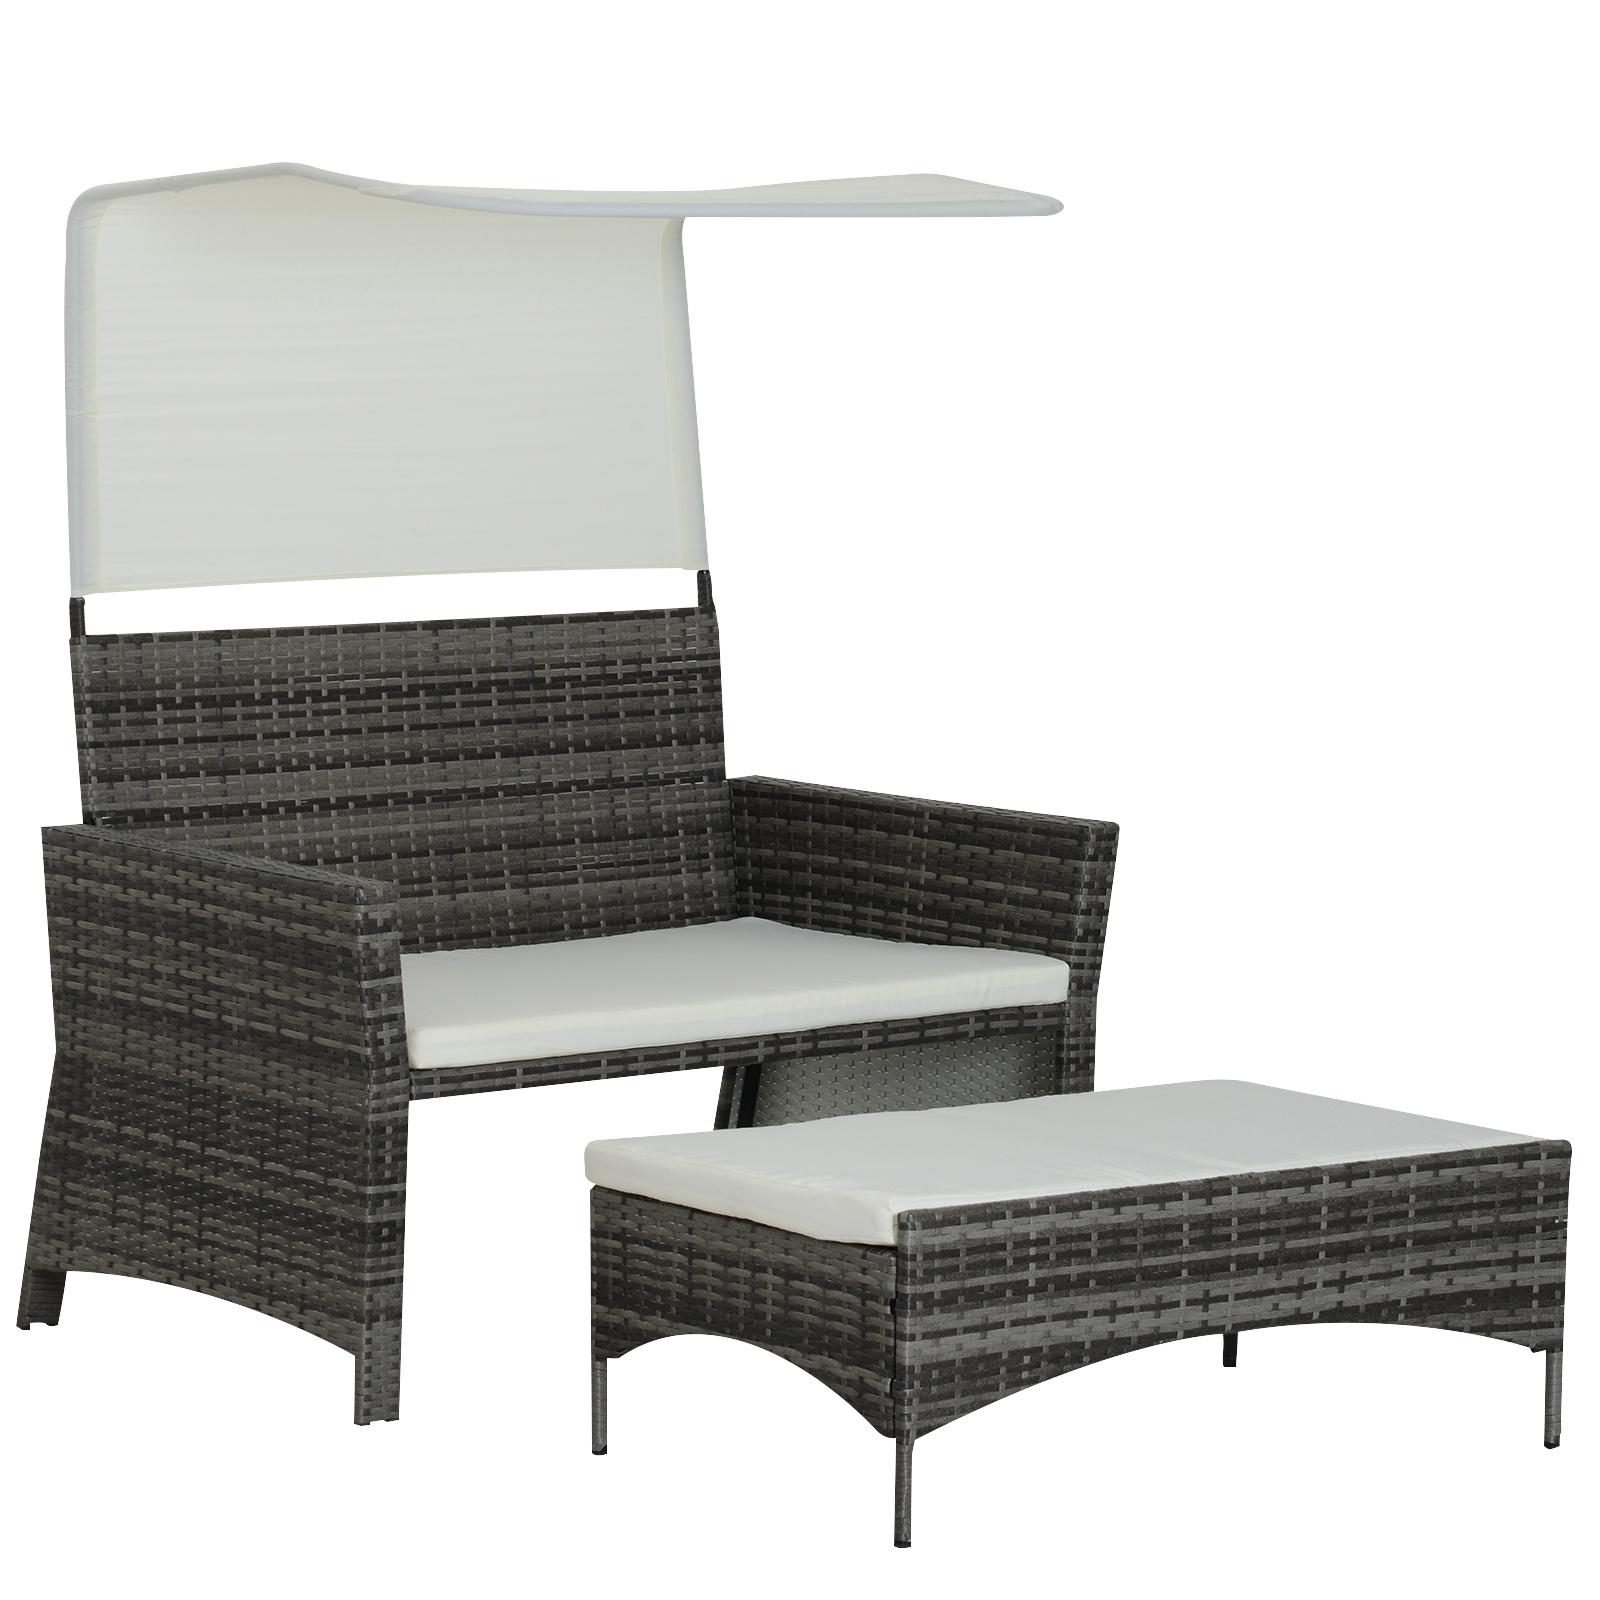 Sofa-de-Ratan-Dos-Plazas-Sillon-Mueble-Jardin-Terraza-con-Reposapies-Toldo-Cojin miniatura 3